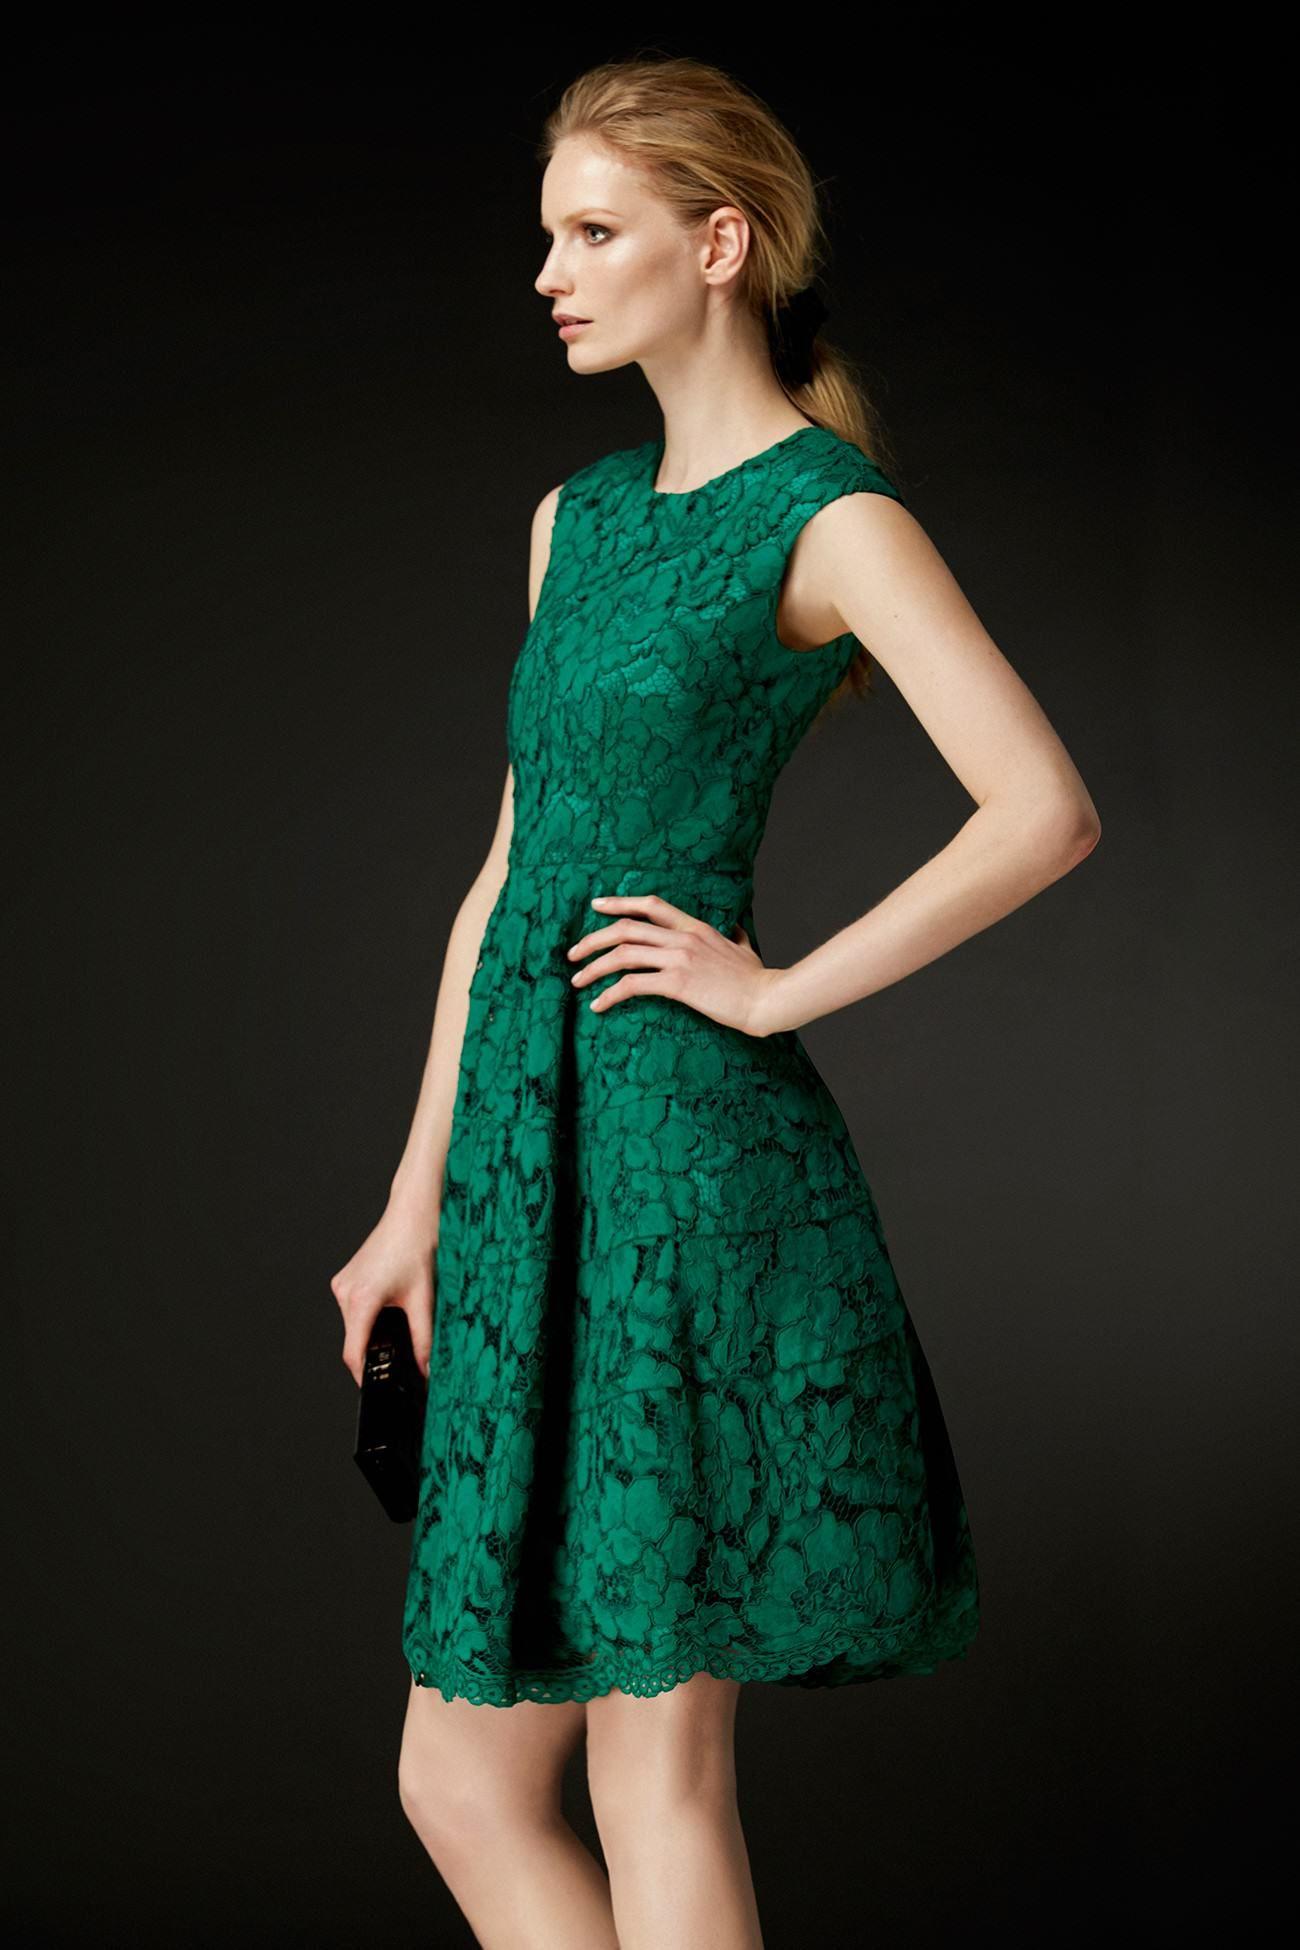 befe16bf0 Vestido Azul De Encaje · Vestidos Primavera · Descubre la colección Vestidos  Románticos